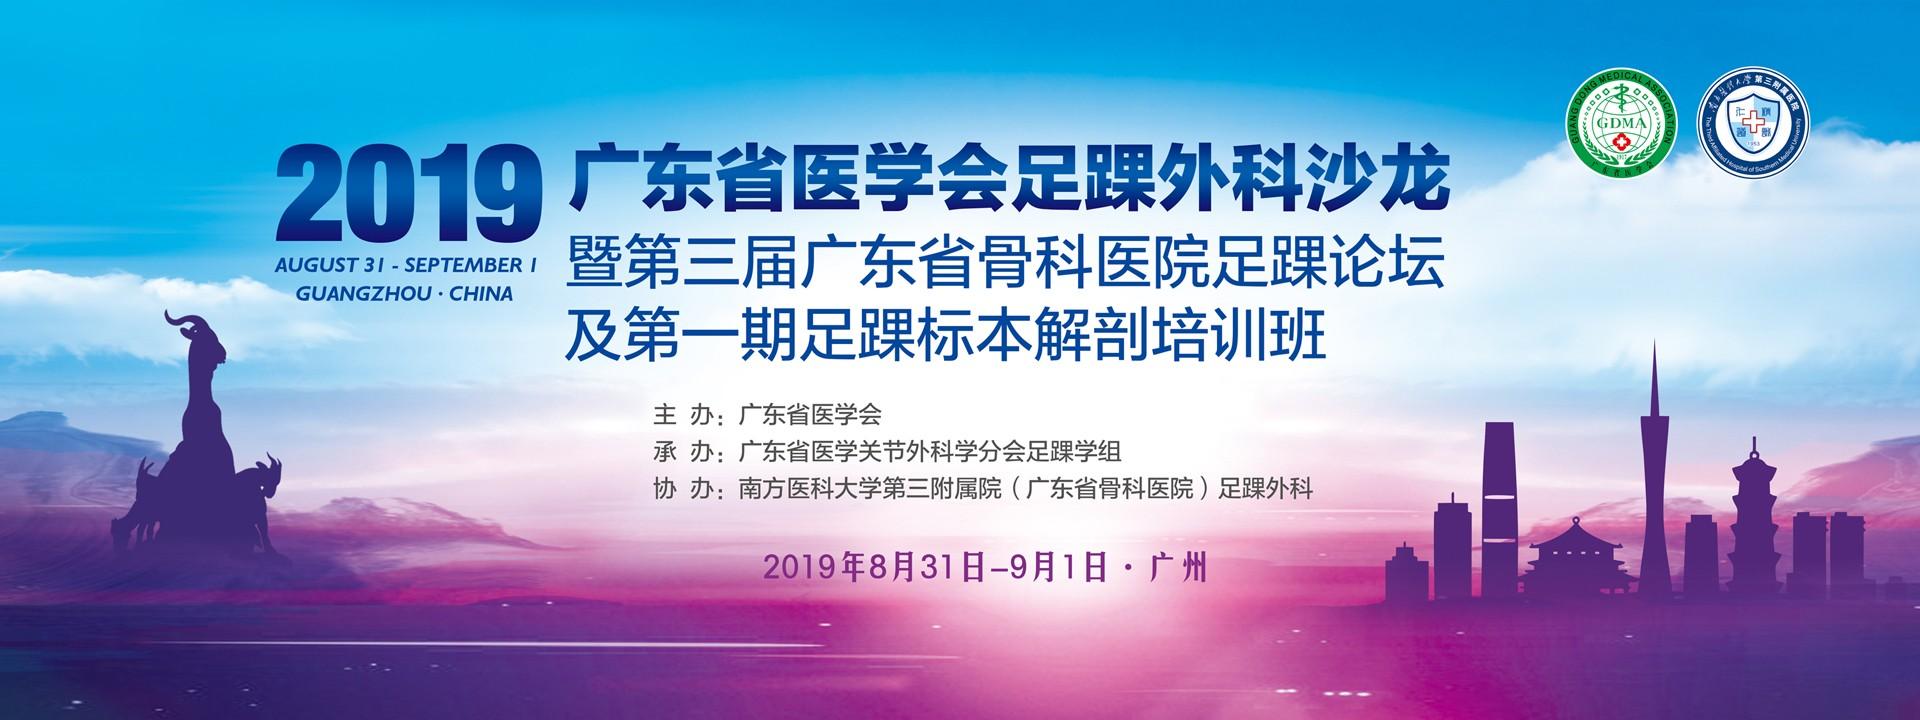 2019广东省医学会足踝外科沙龙